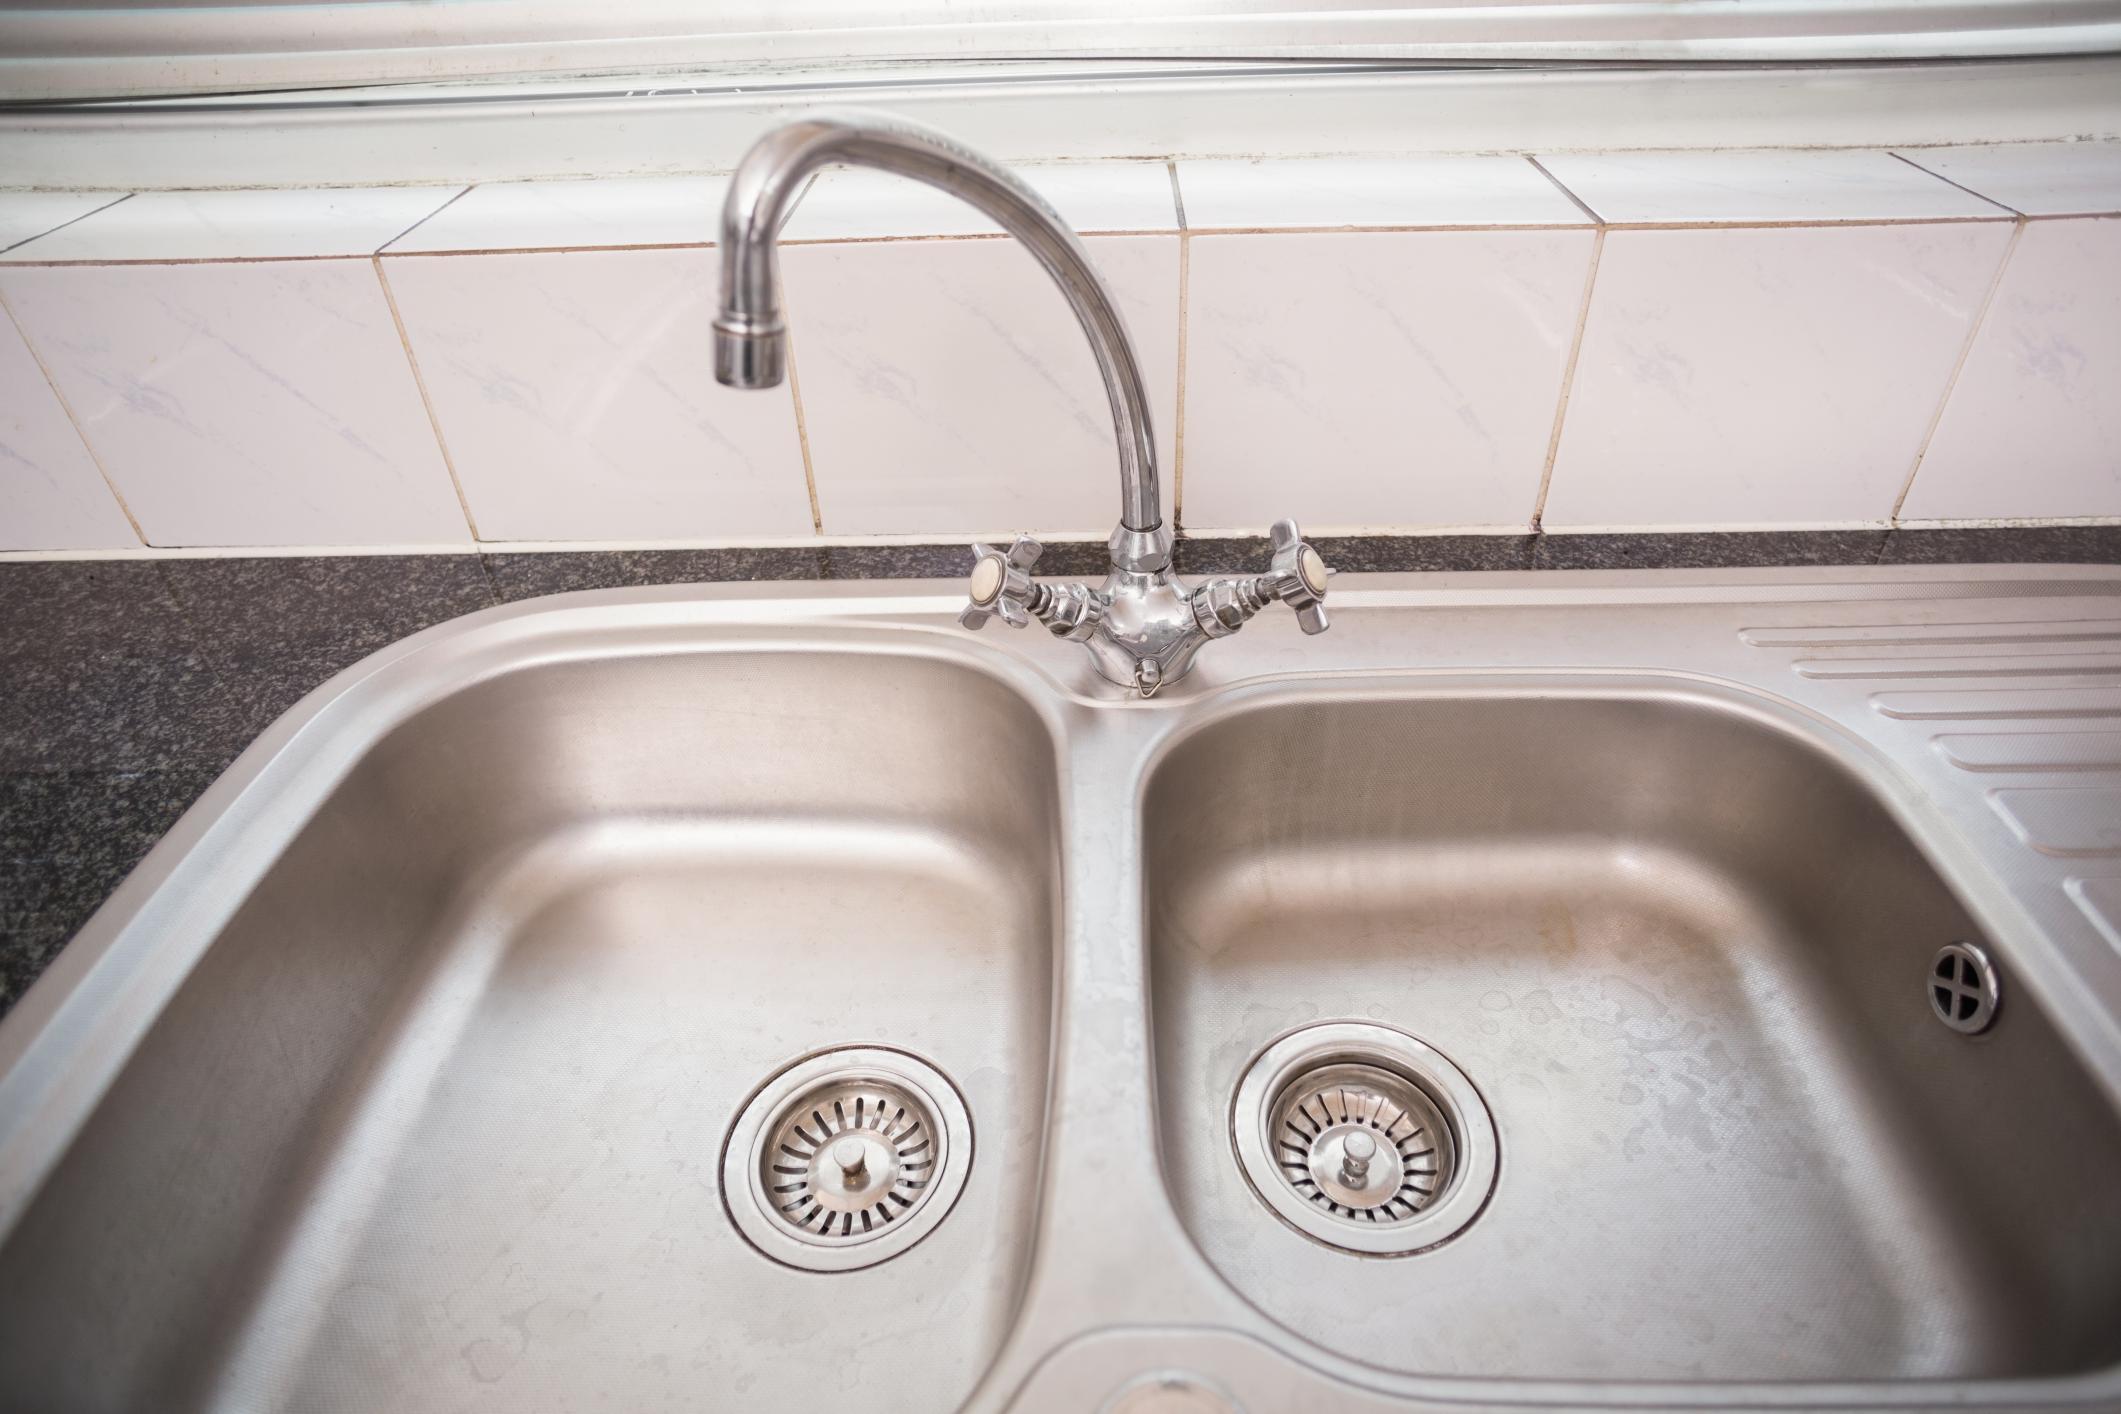 Kitchen Plumbing Service - Golden Rule Plumbing Services